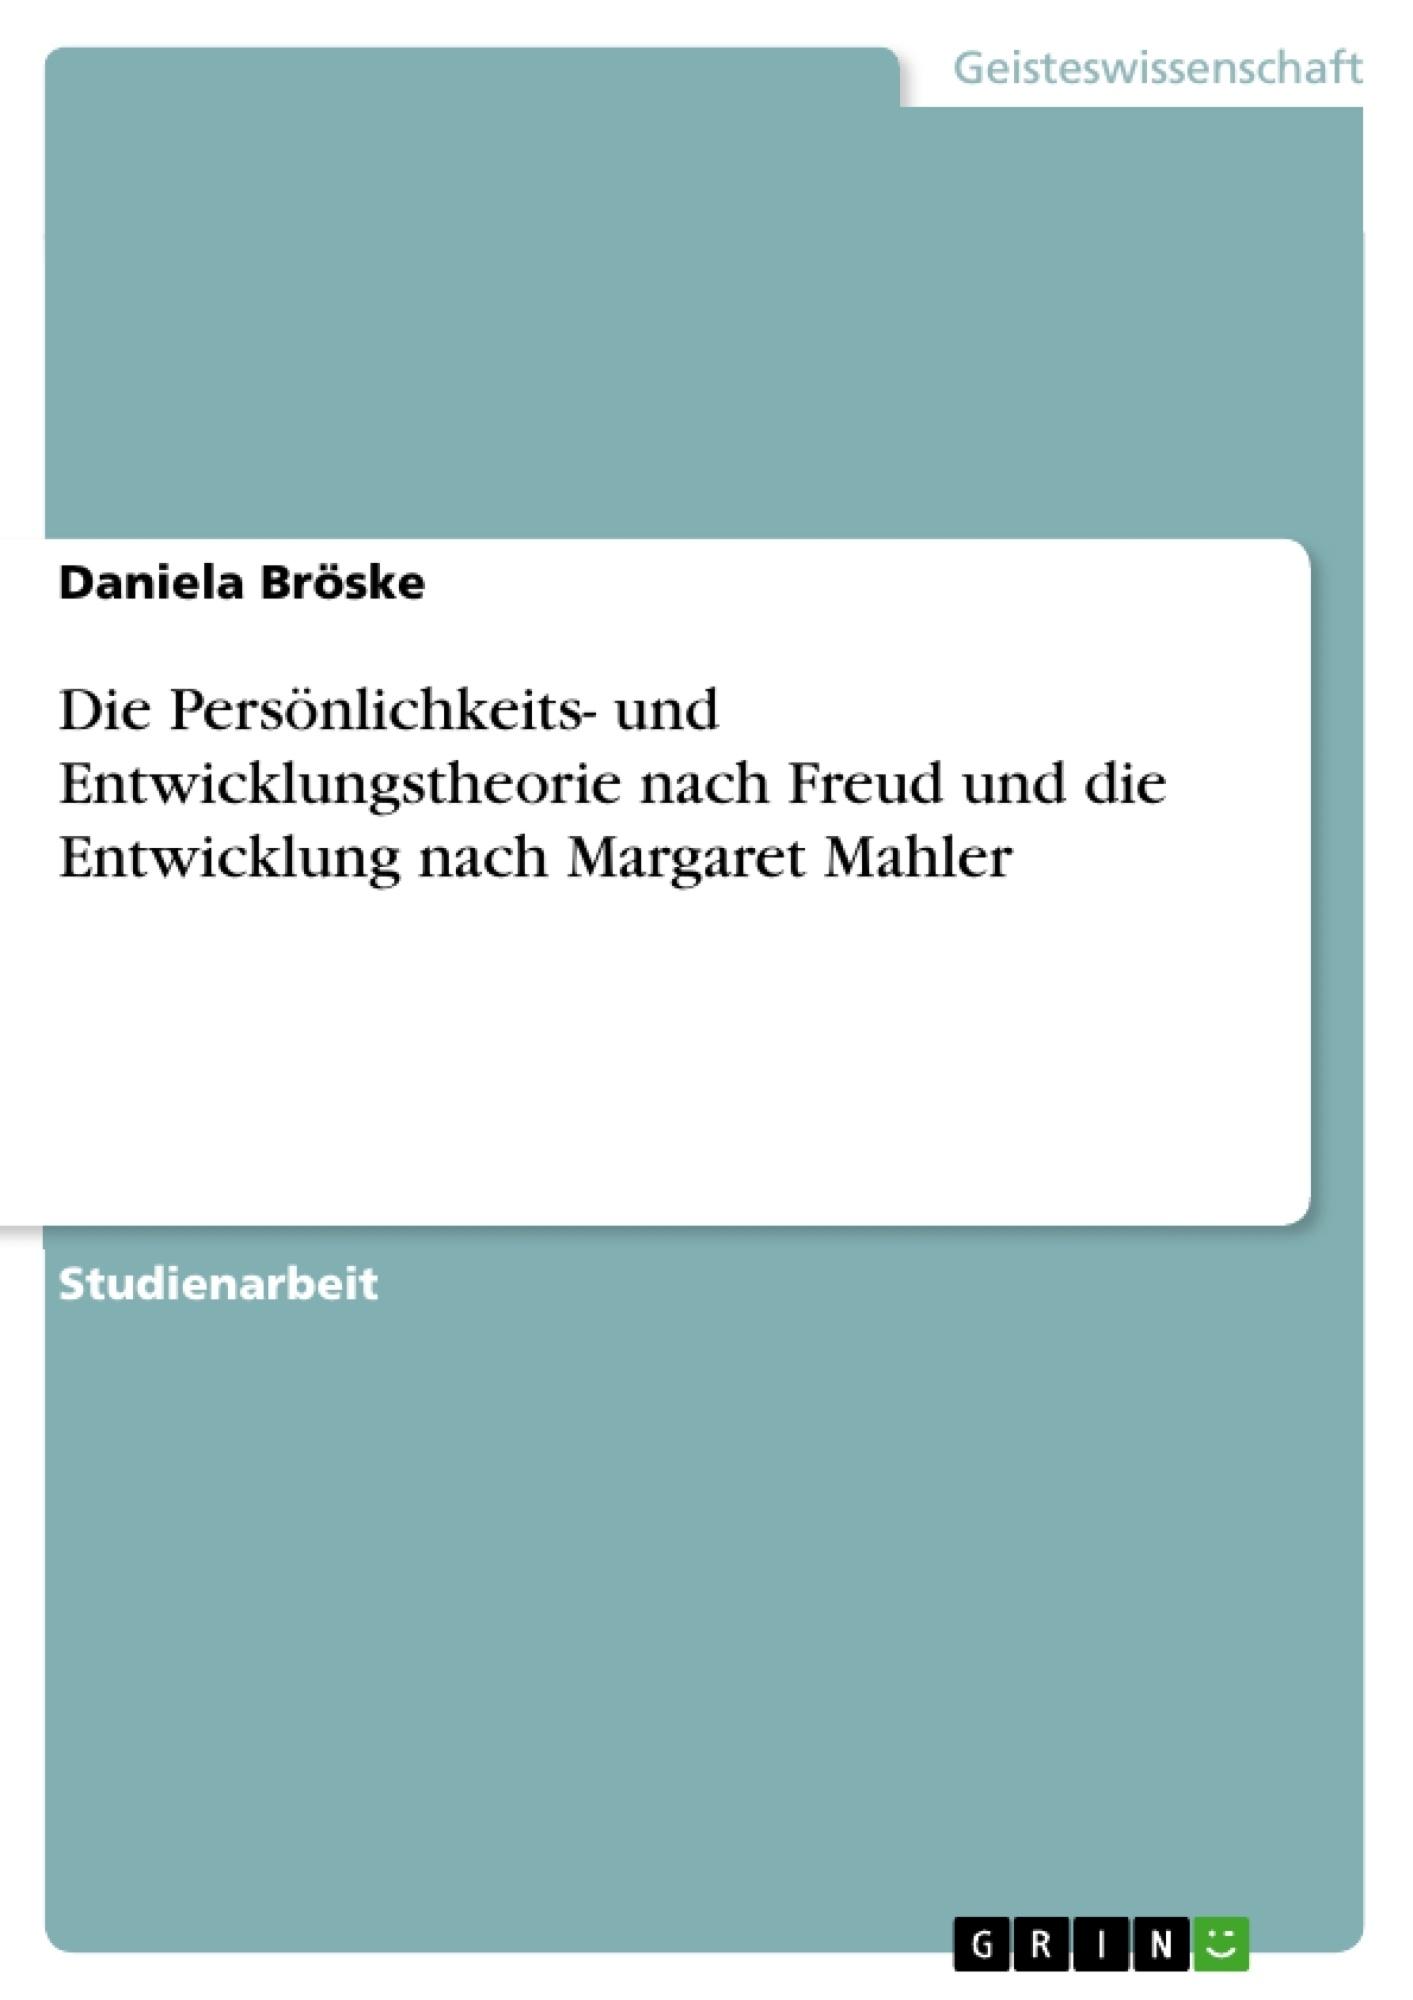 Titel: Die Persönlichkeits- und Entwicklungstheorie nach Freud und die Entwicklung nach Margaret Mahler